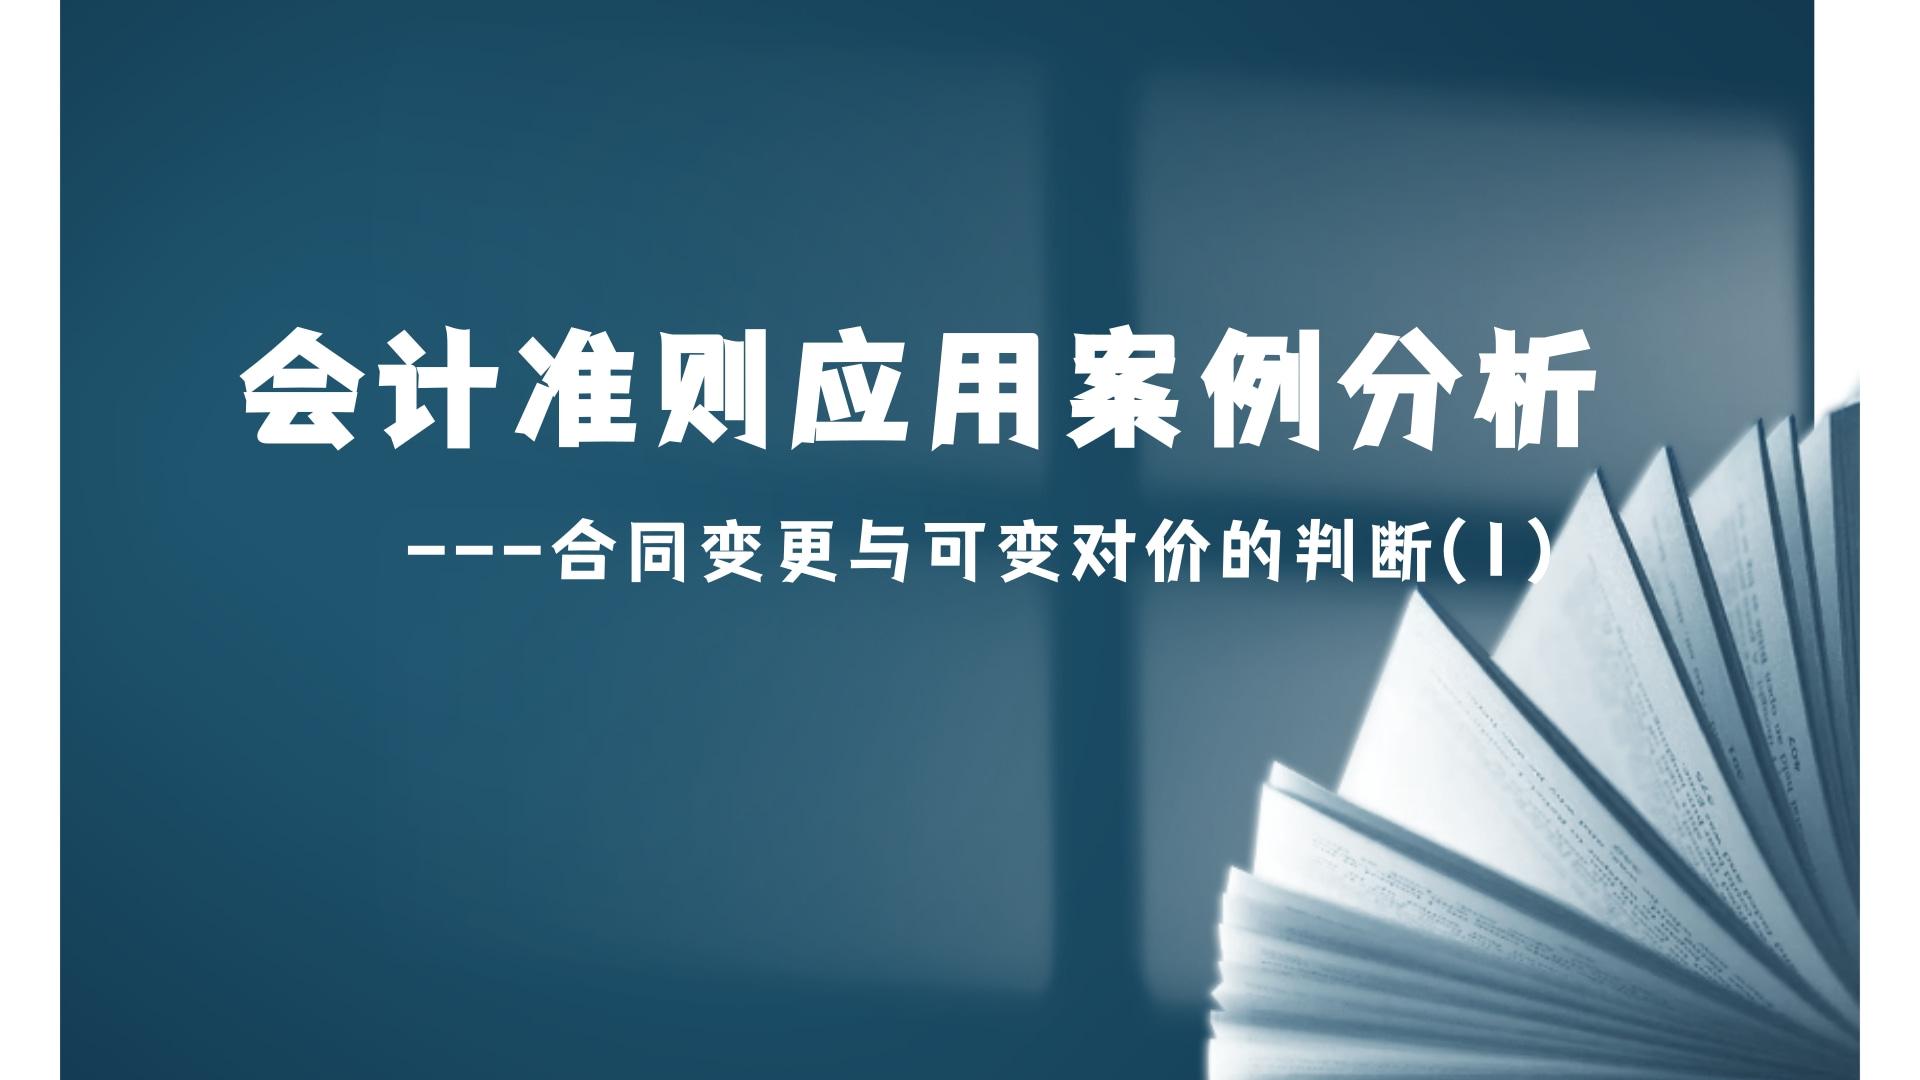 新收入准则应用案例:合同变更与可变对价的判断(1)